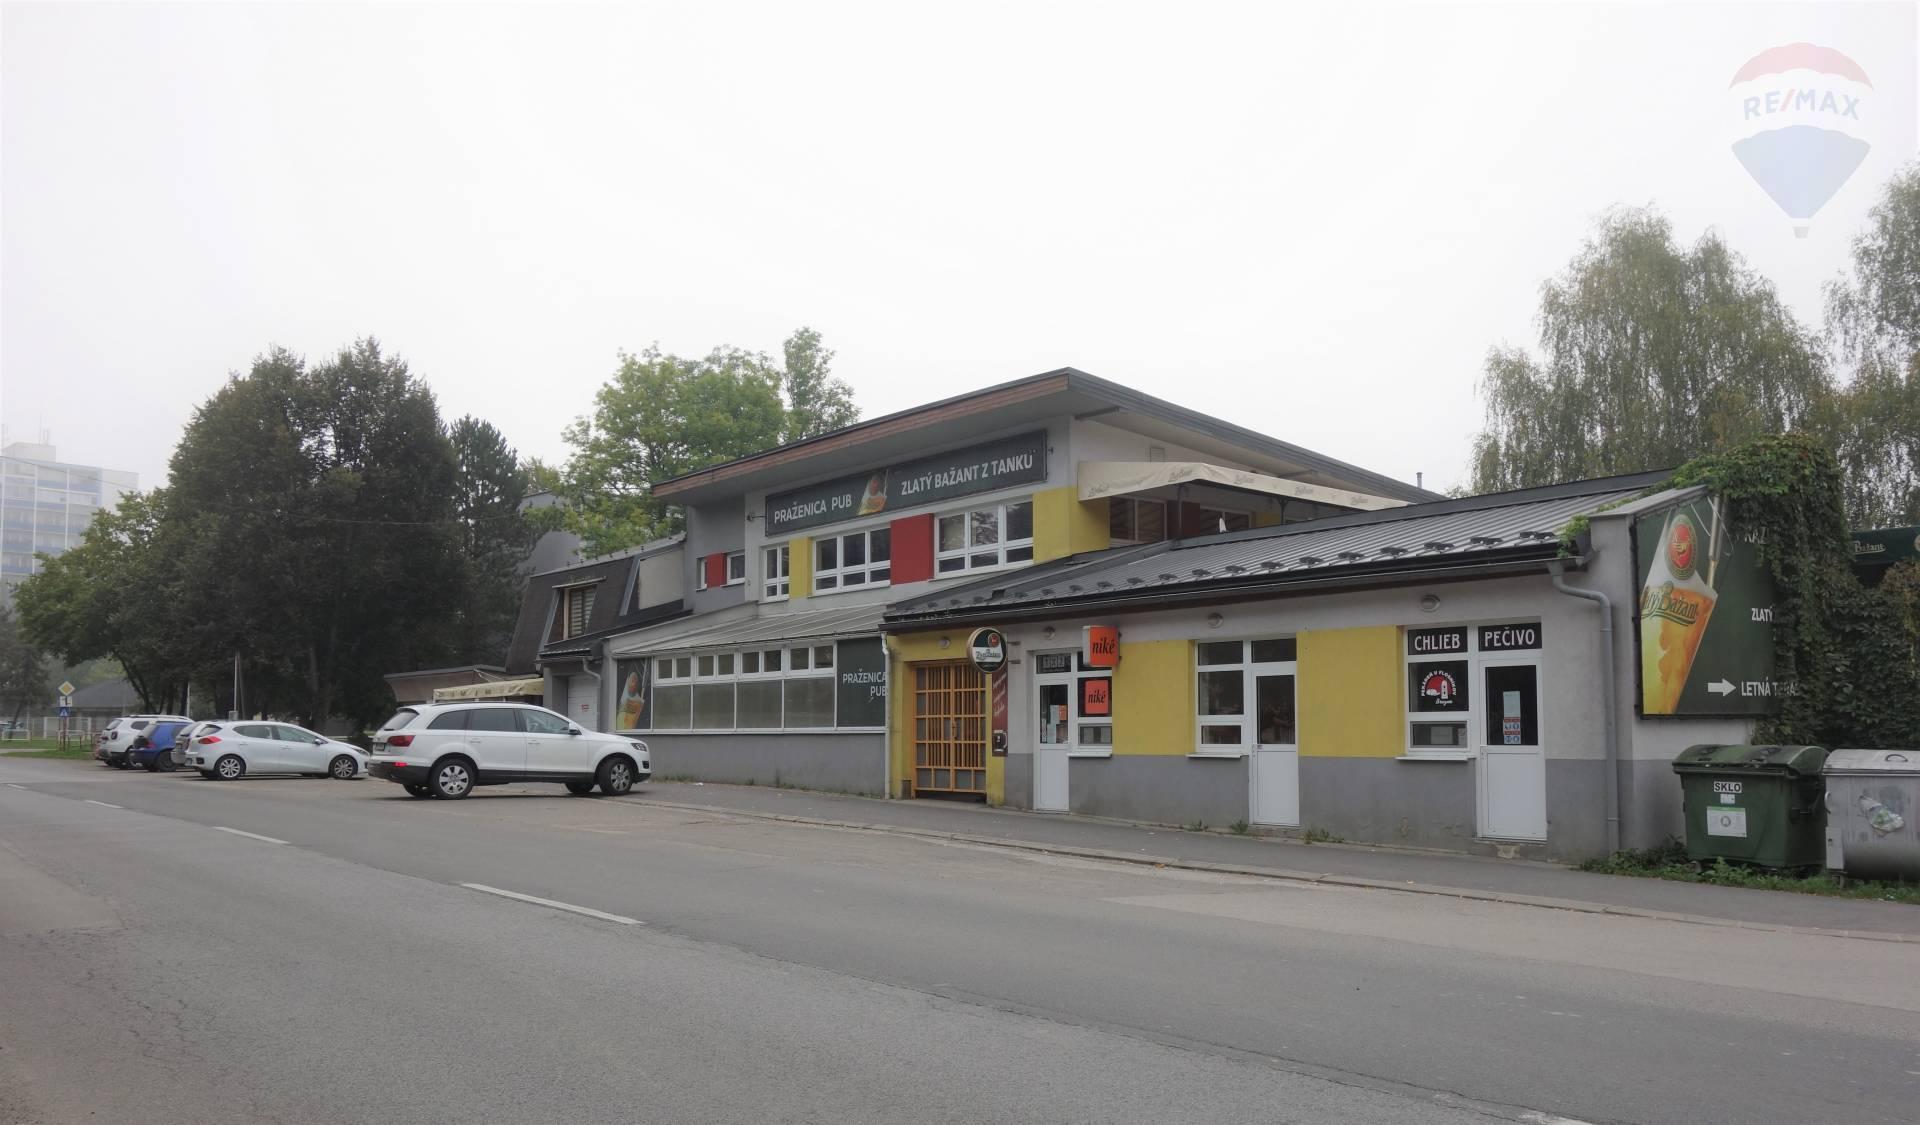 Predaj: Budova obchodu a služieb / Piváreň a bistro/